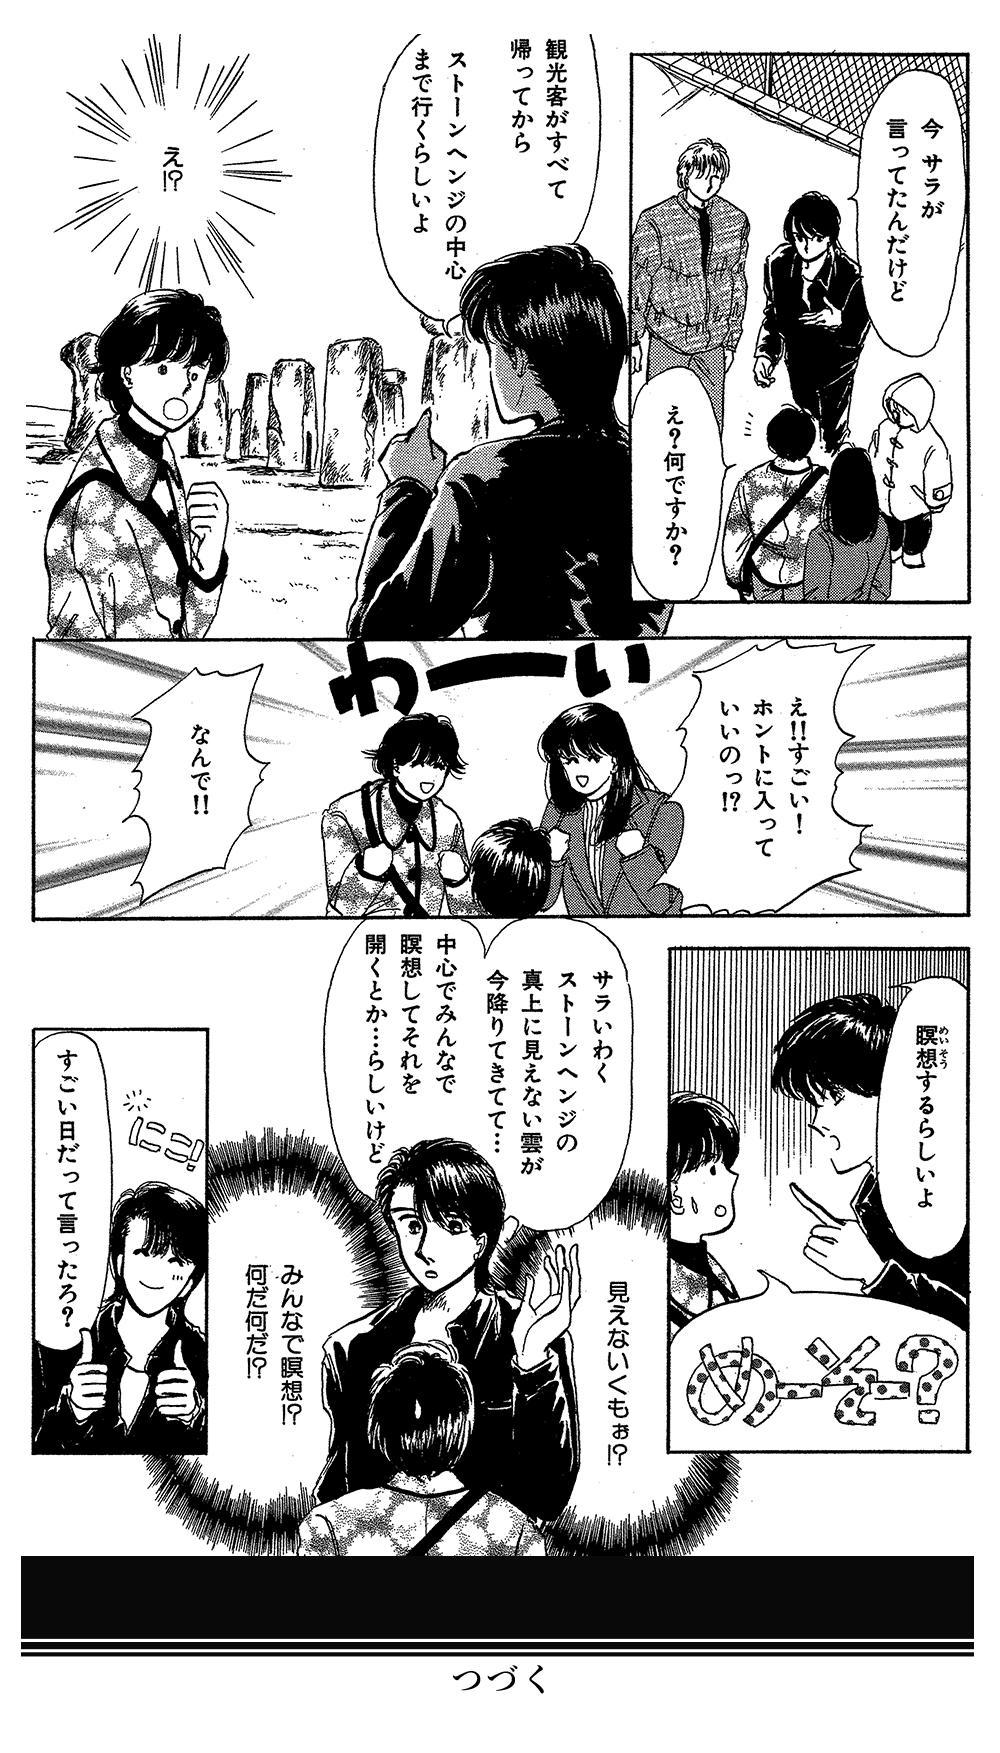 霊感ママシリーズ 第3話「英国ミステリーツアー」②reikanmama-01-87.jpg